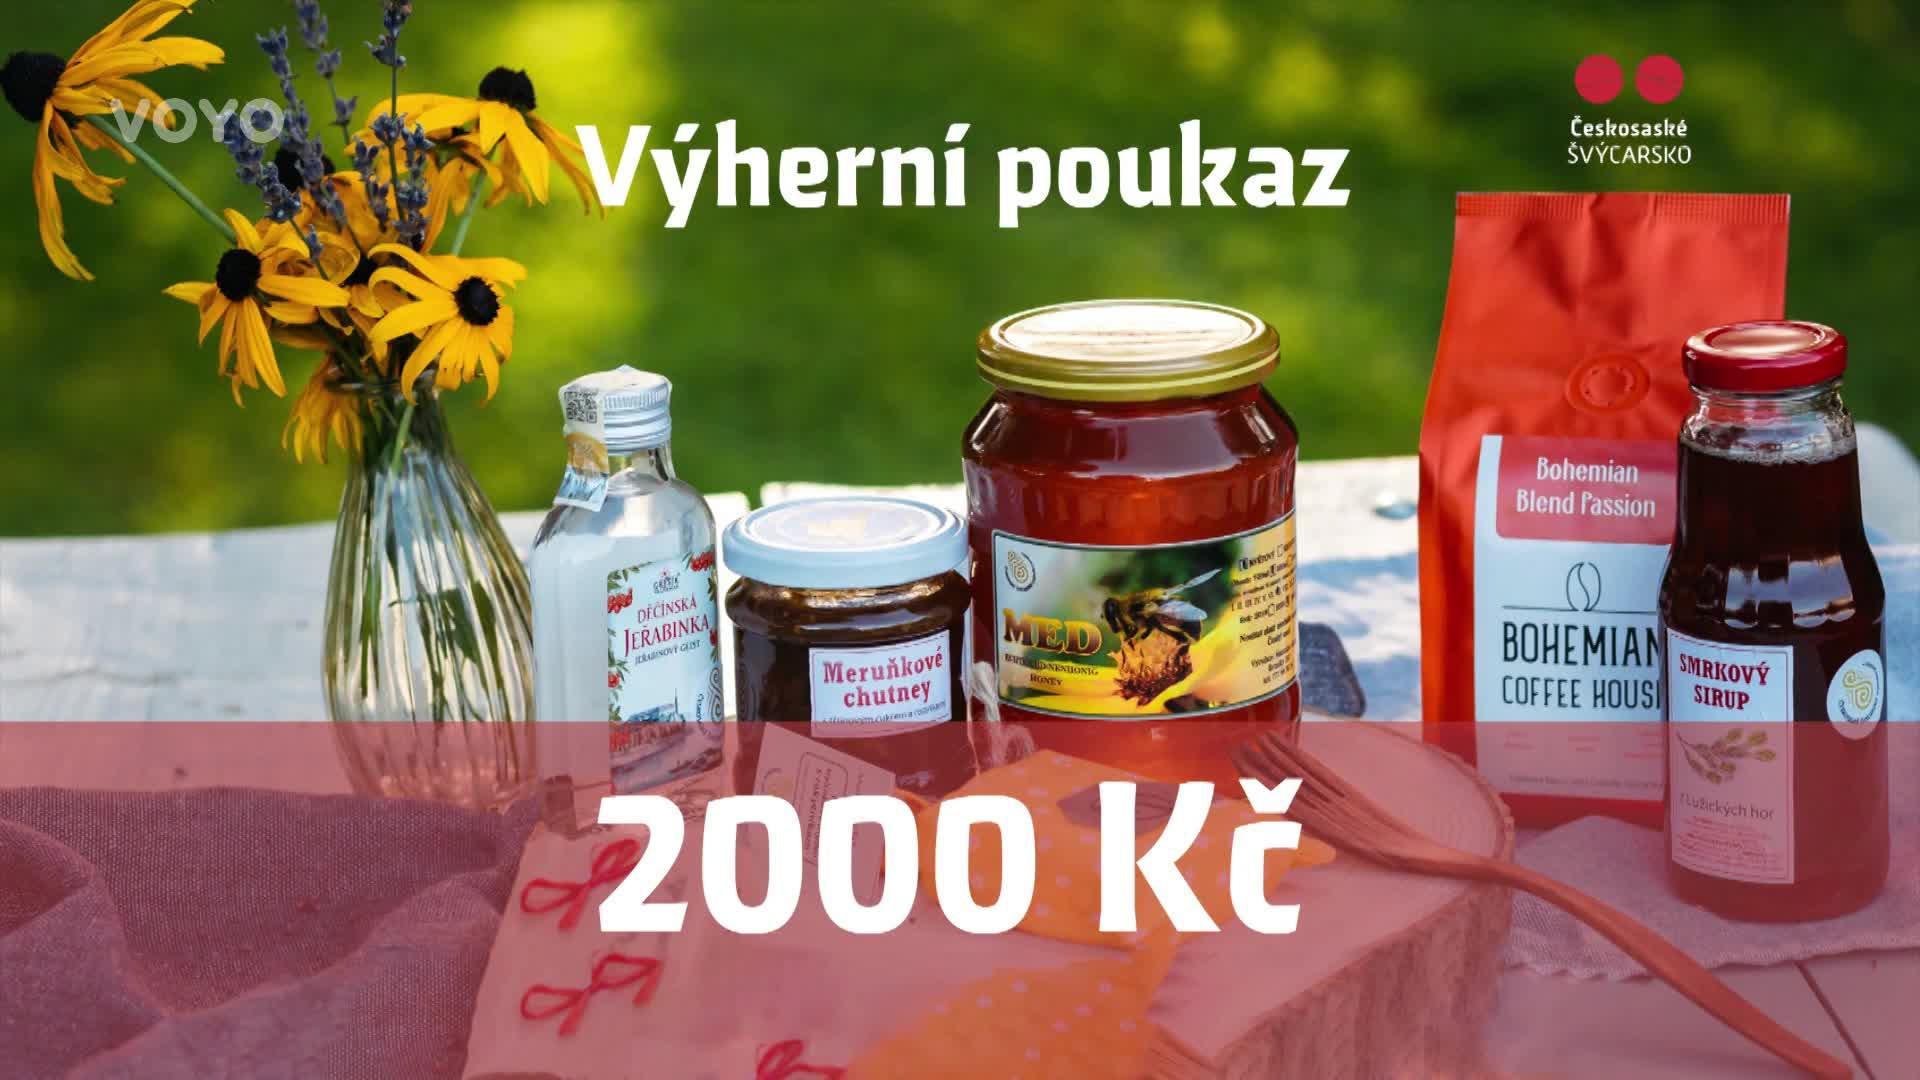 Soutěžte o poukaz v hodnotě 2.000 korun na nákup regionálních výrobků!